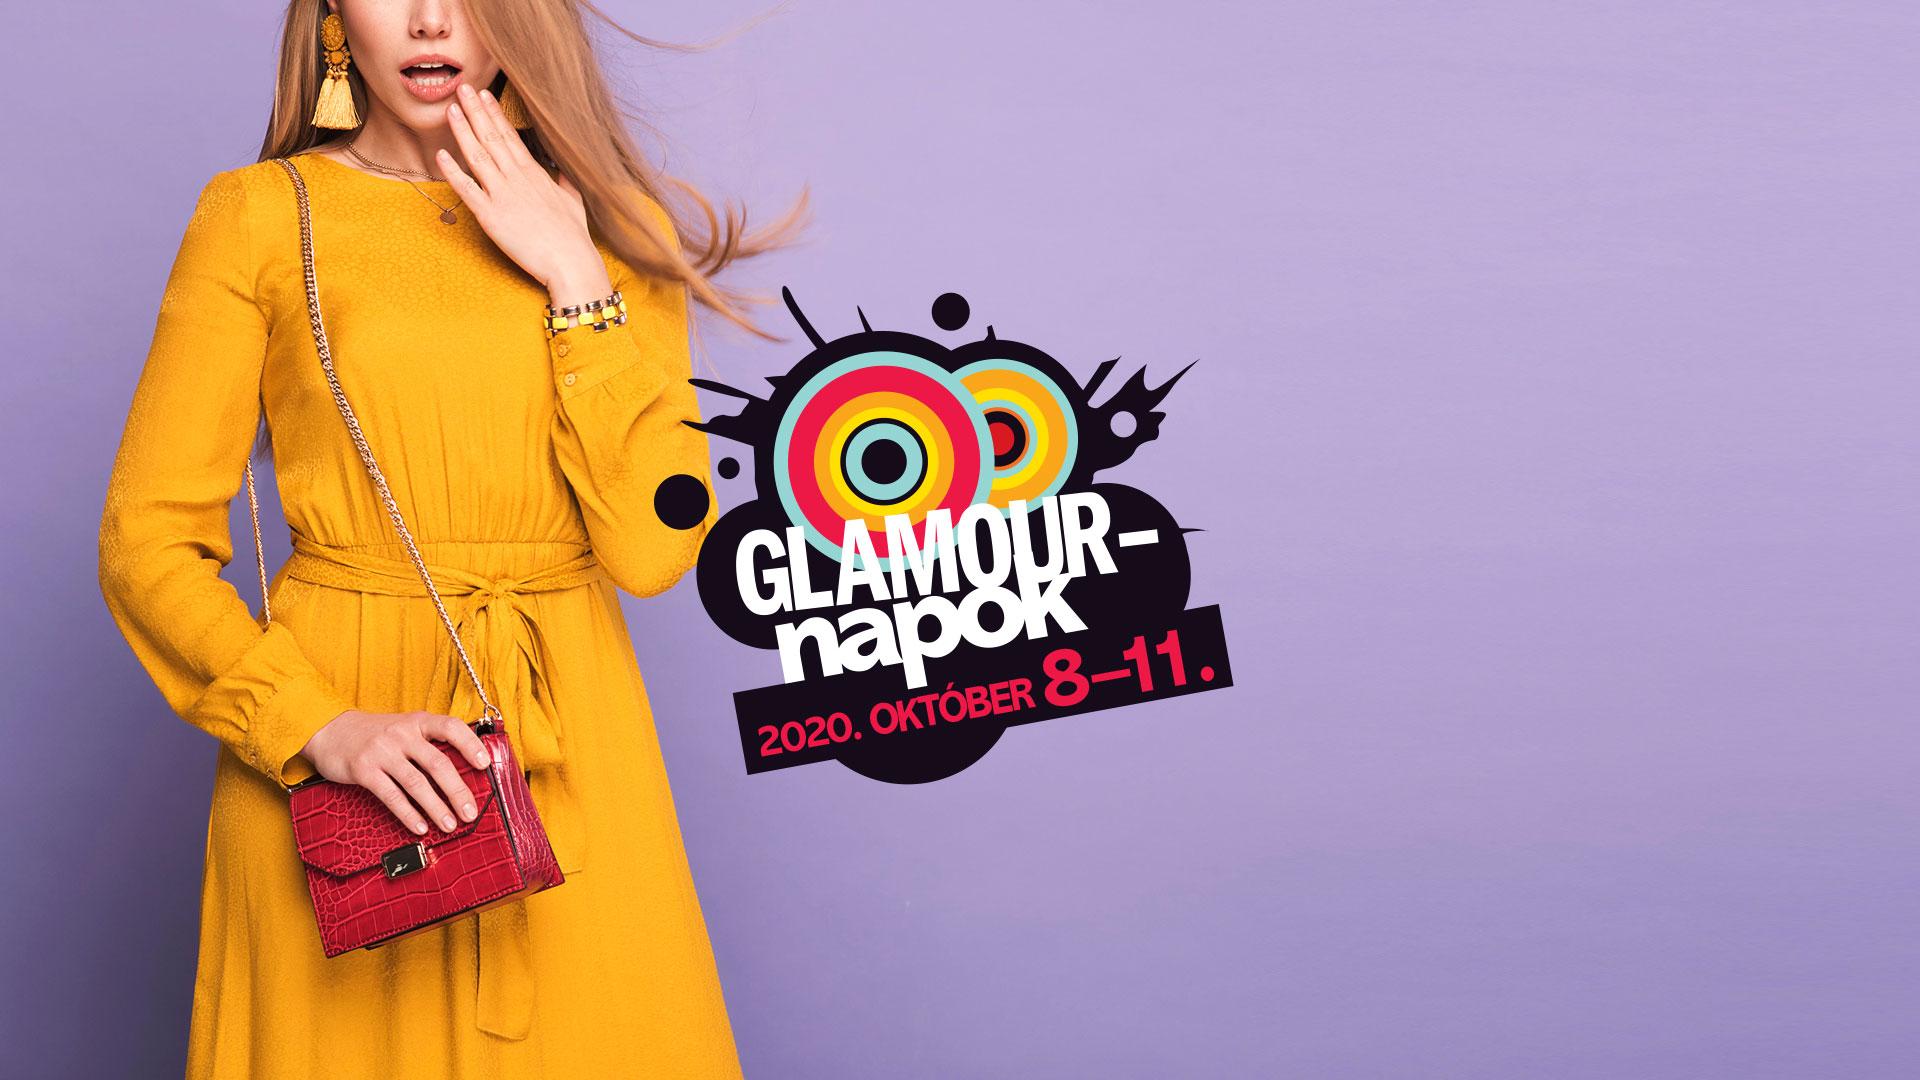 Keresd üzleteink őszi Glamour ajánlatait!